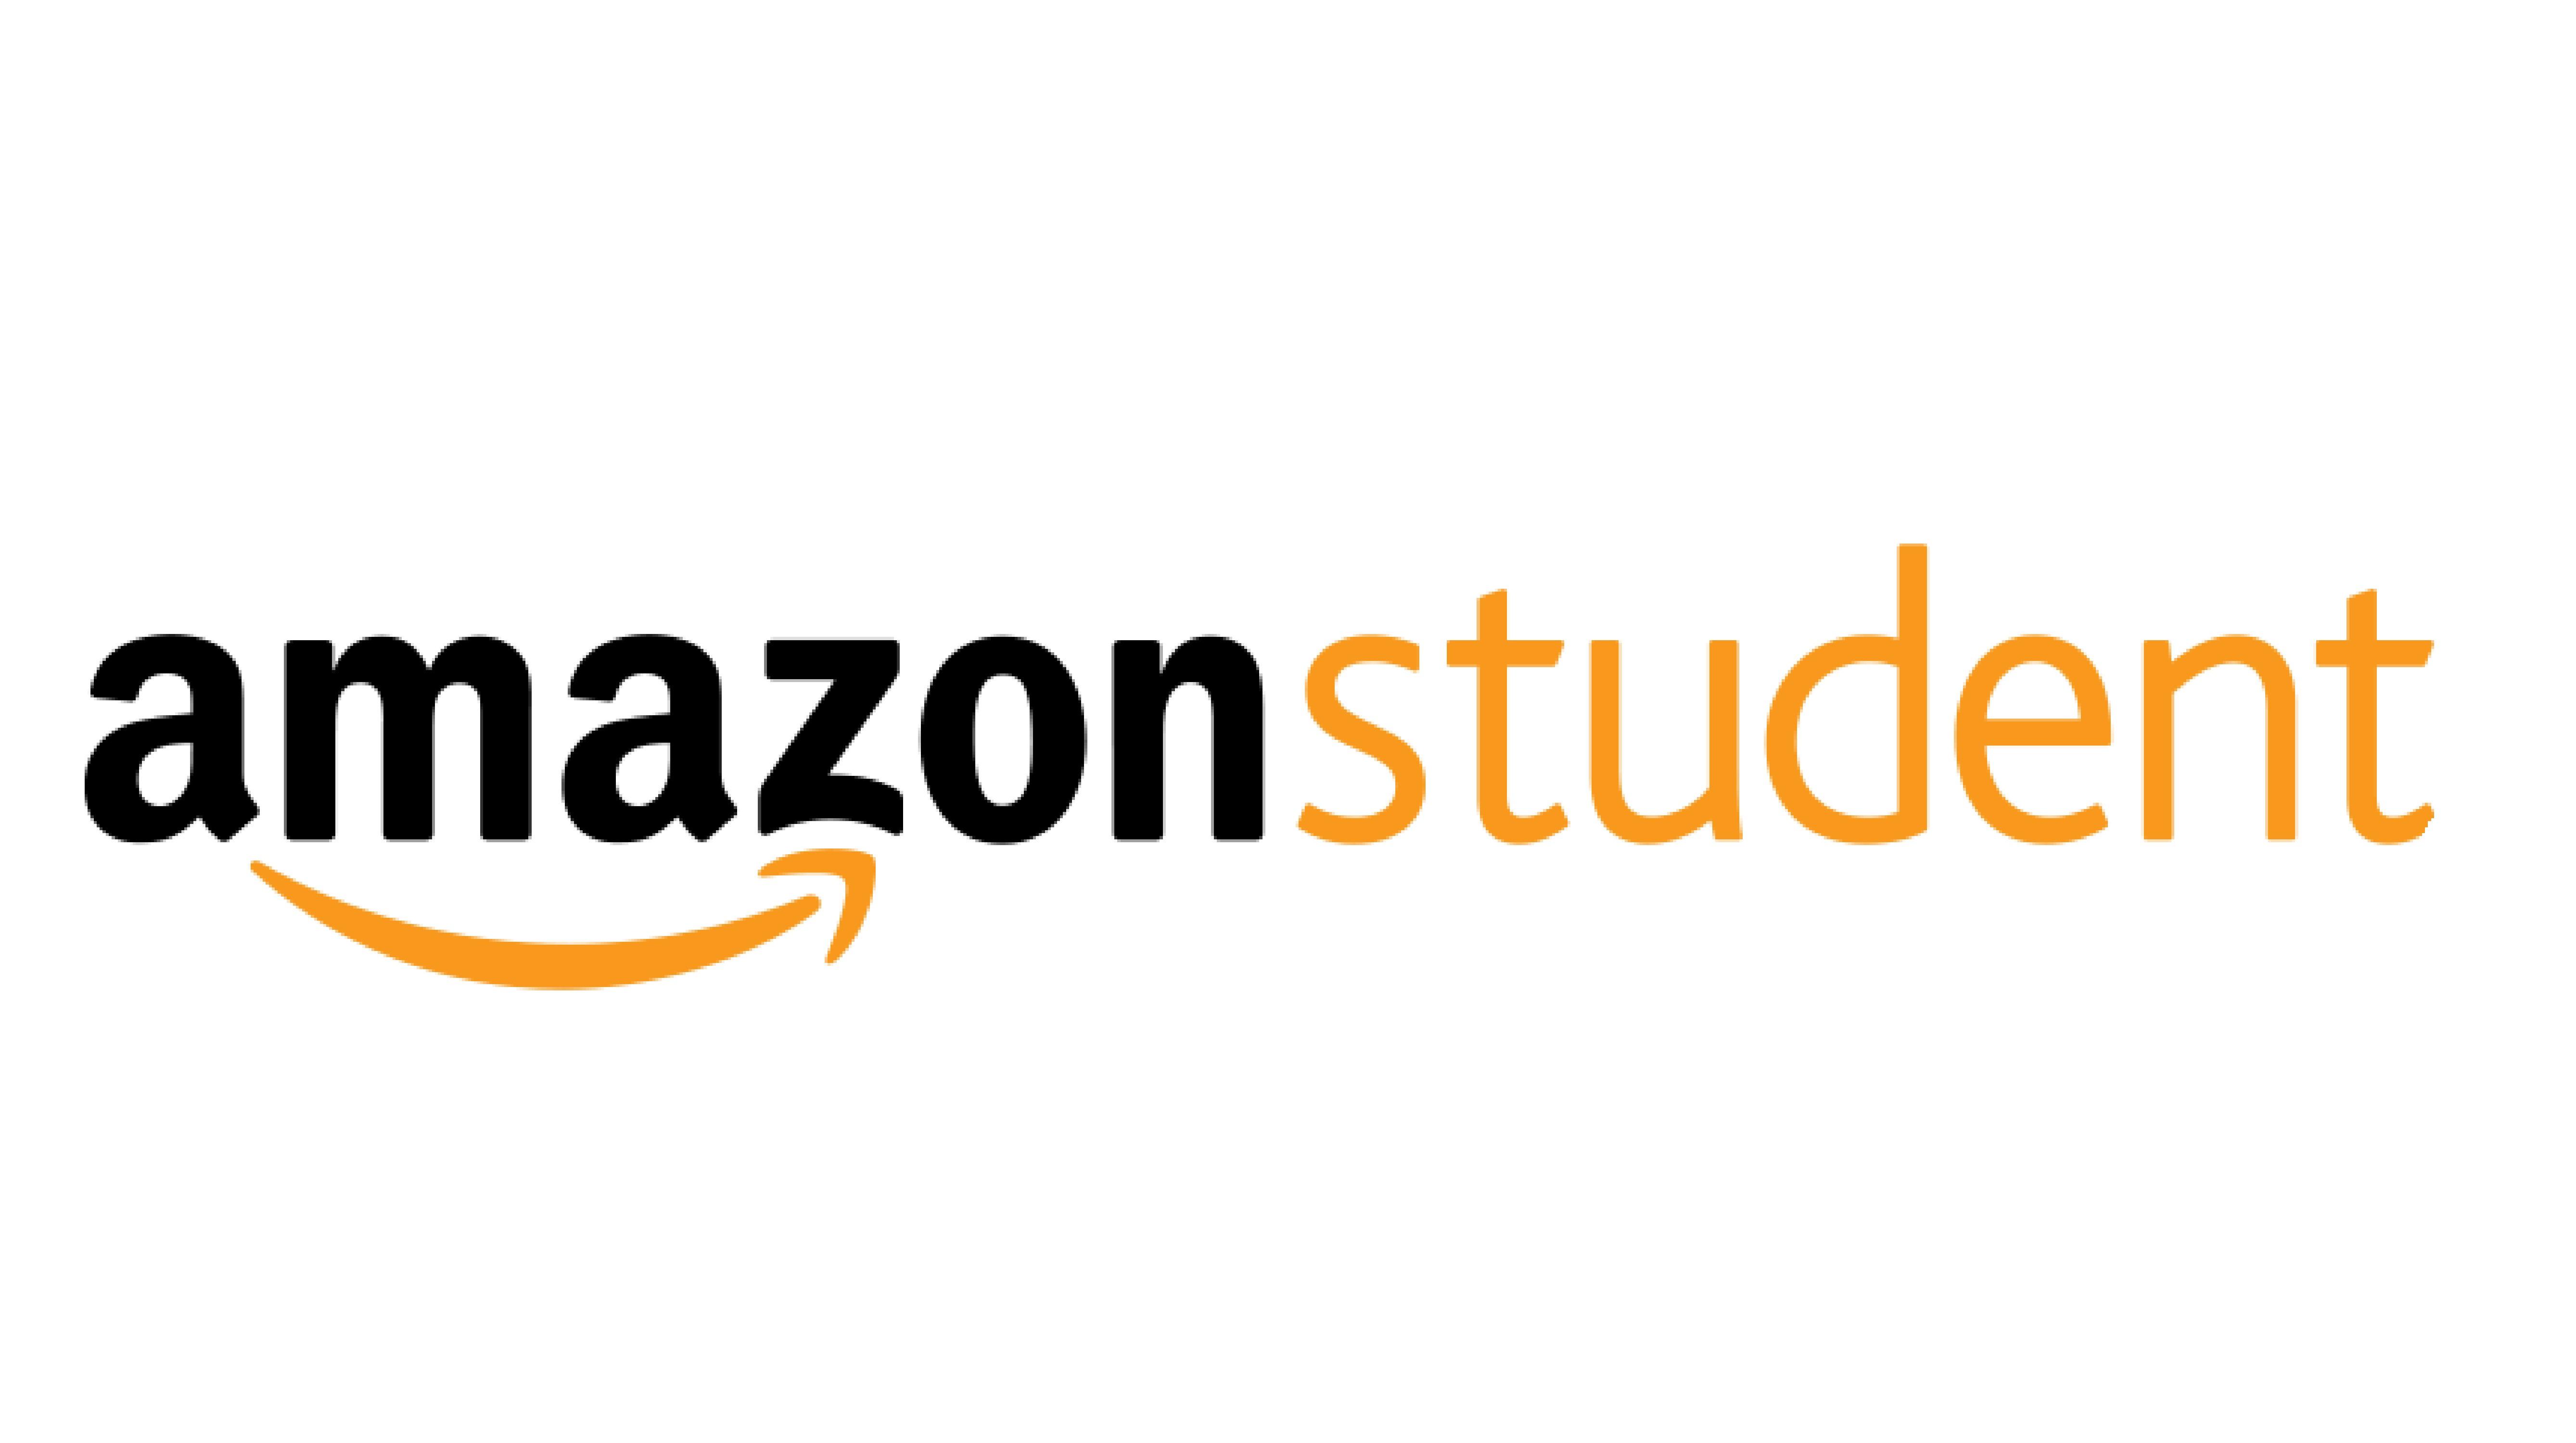 4.-Amazon-Student